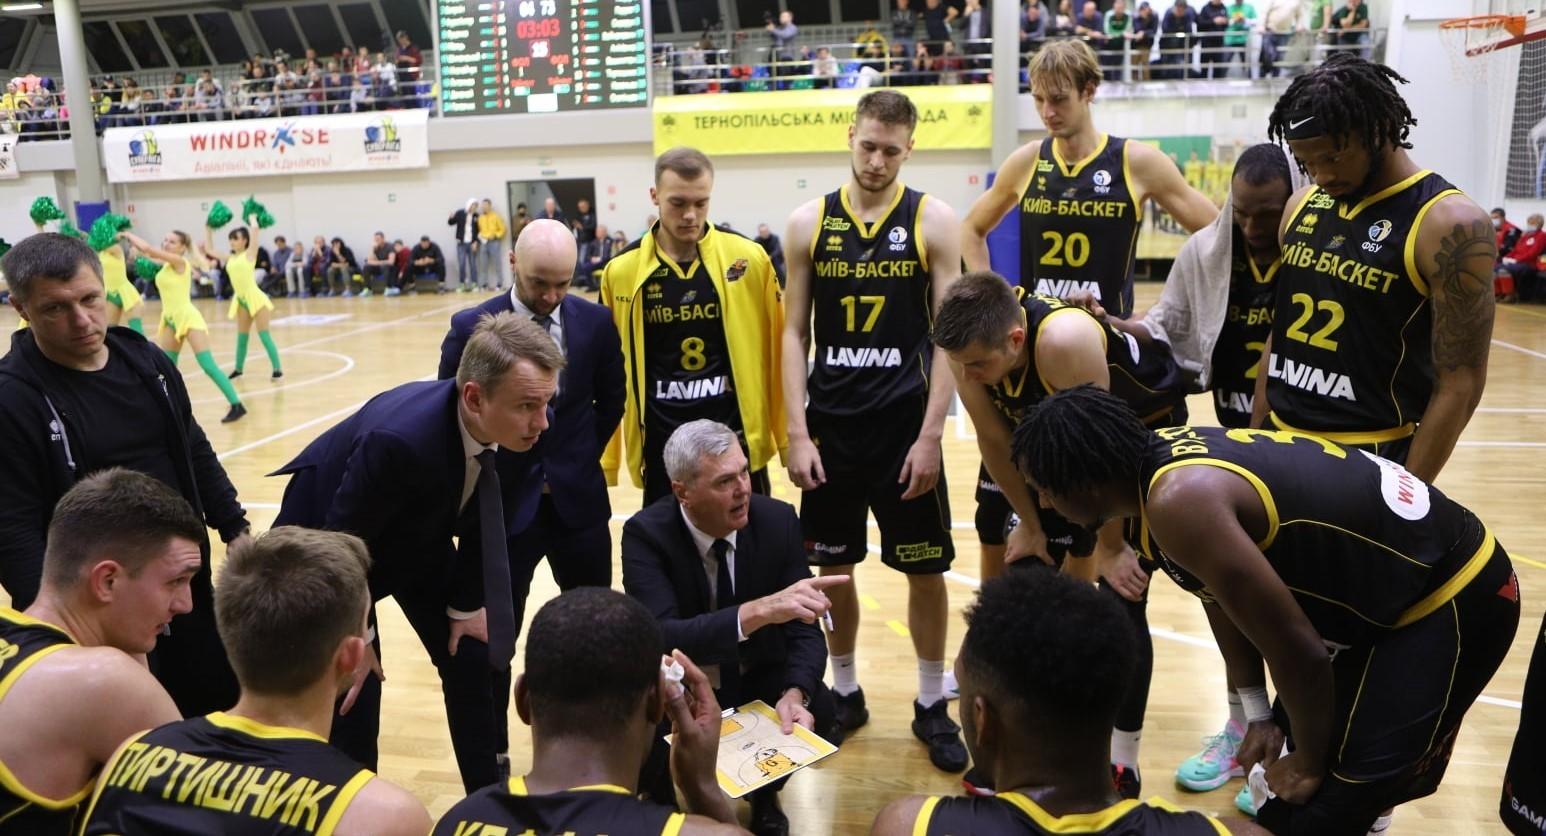 Визначився останній суперник Київ-Баскета в Кубку Європи ФІБА